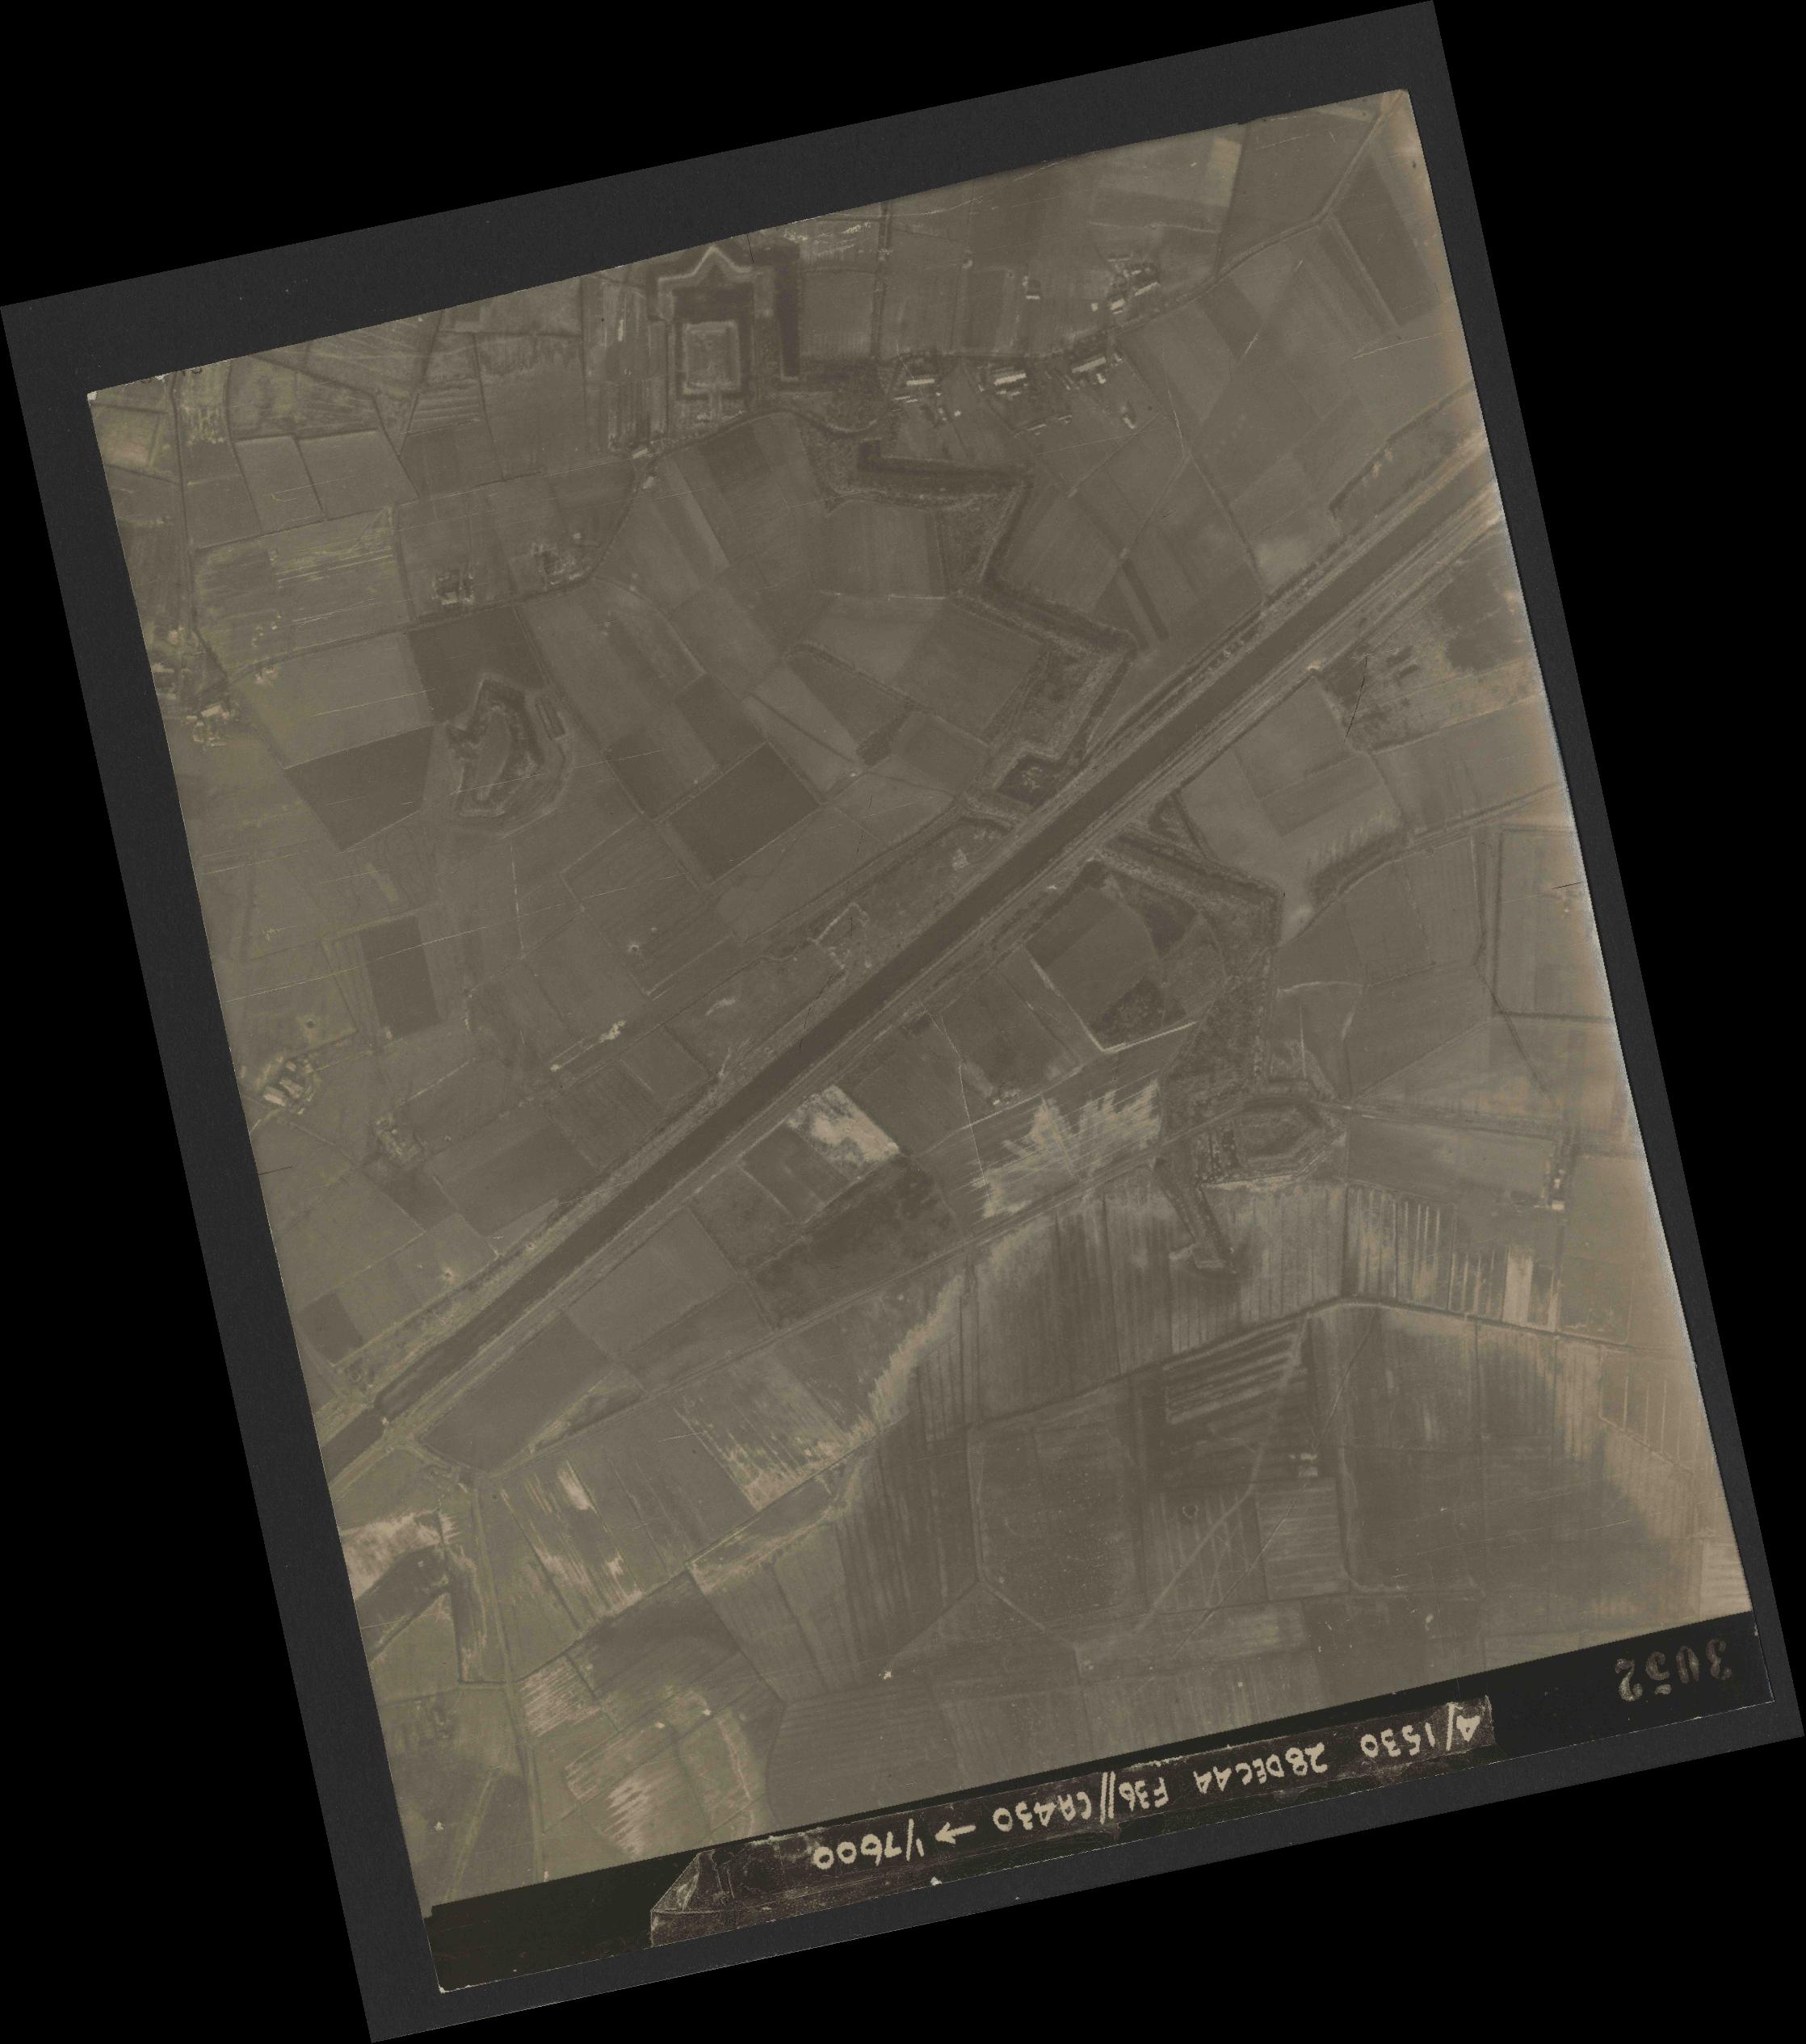 Collection RAF aerial photos 1940-1945 - flight 050, run 06, photo 3052